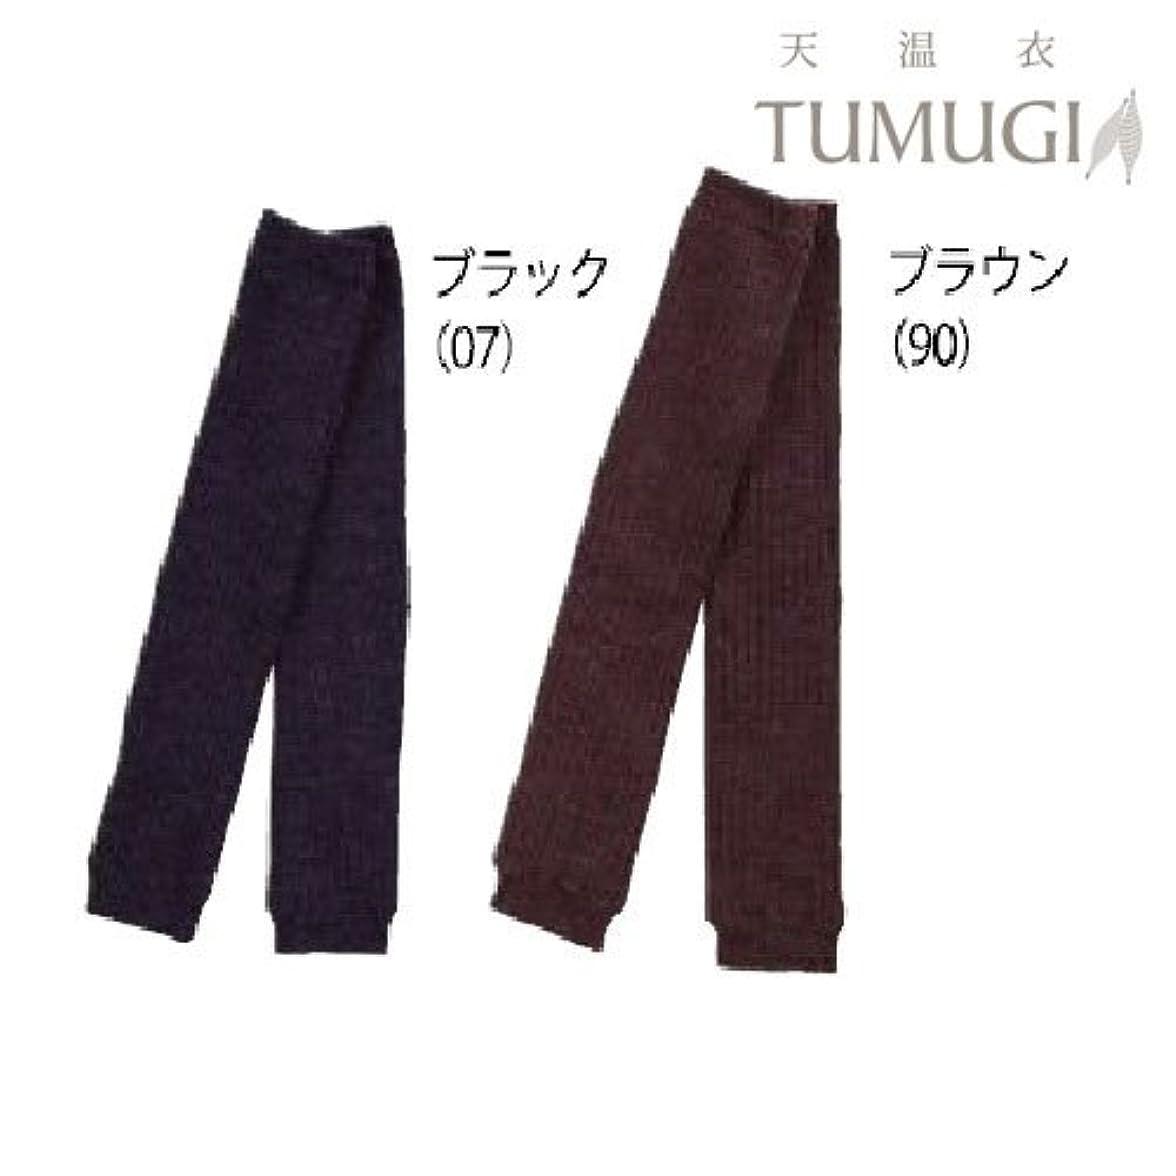 敵すでに軽減天温衣TUMUGI  ウールとシルクの2重編みレッグウォーマー (ブラウン(茶))